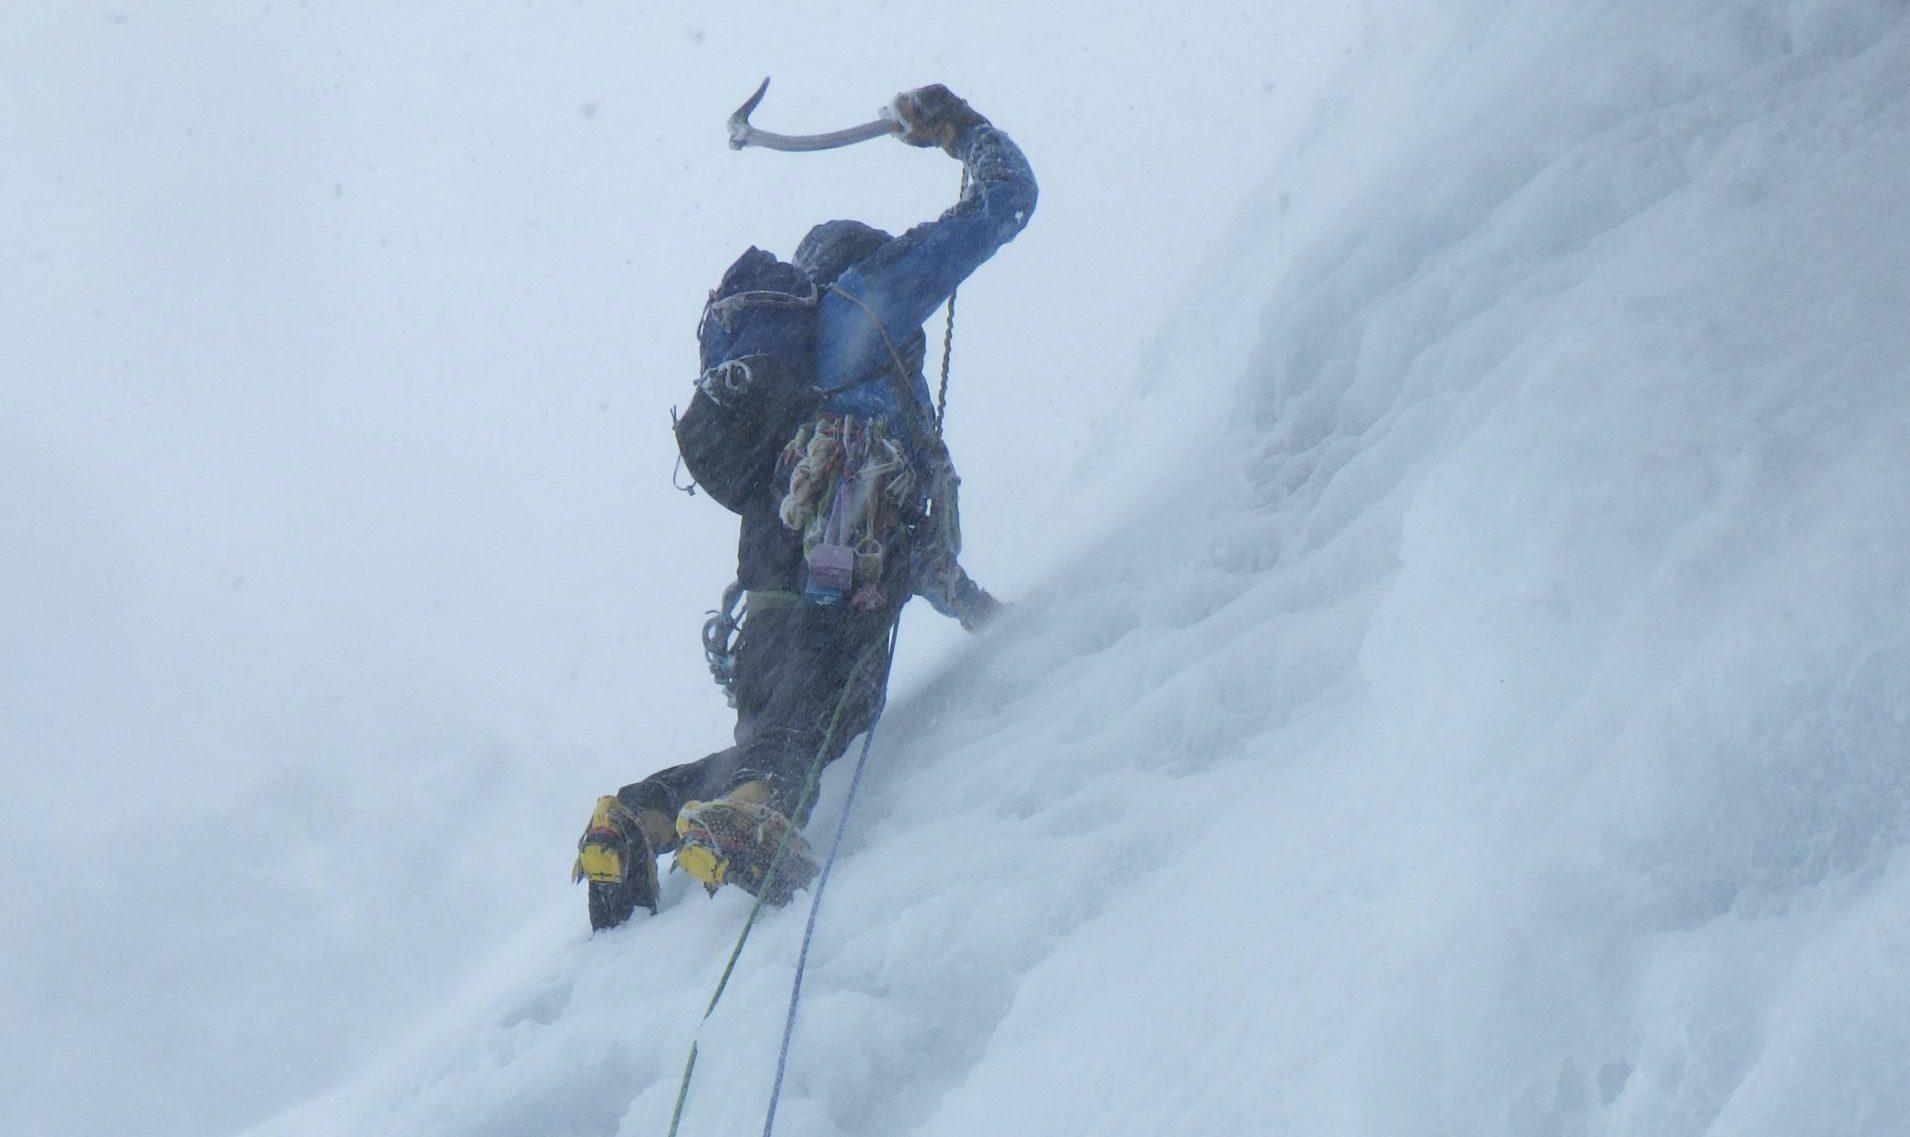 Winter Lead Climbing